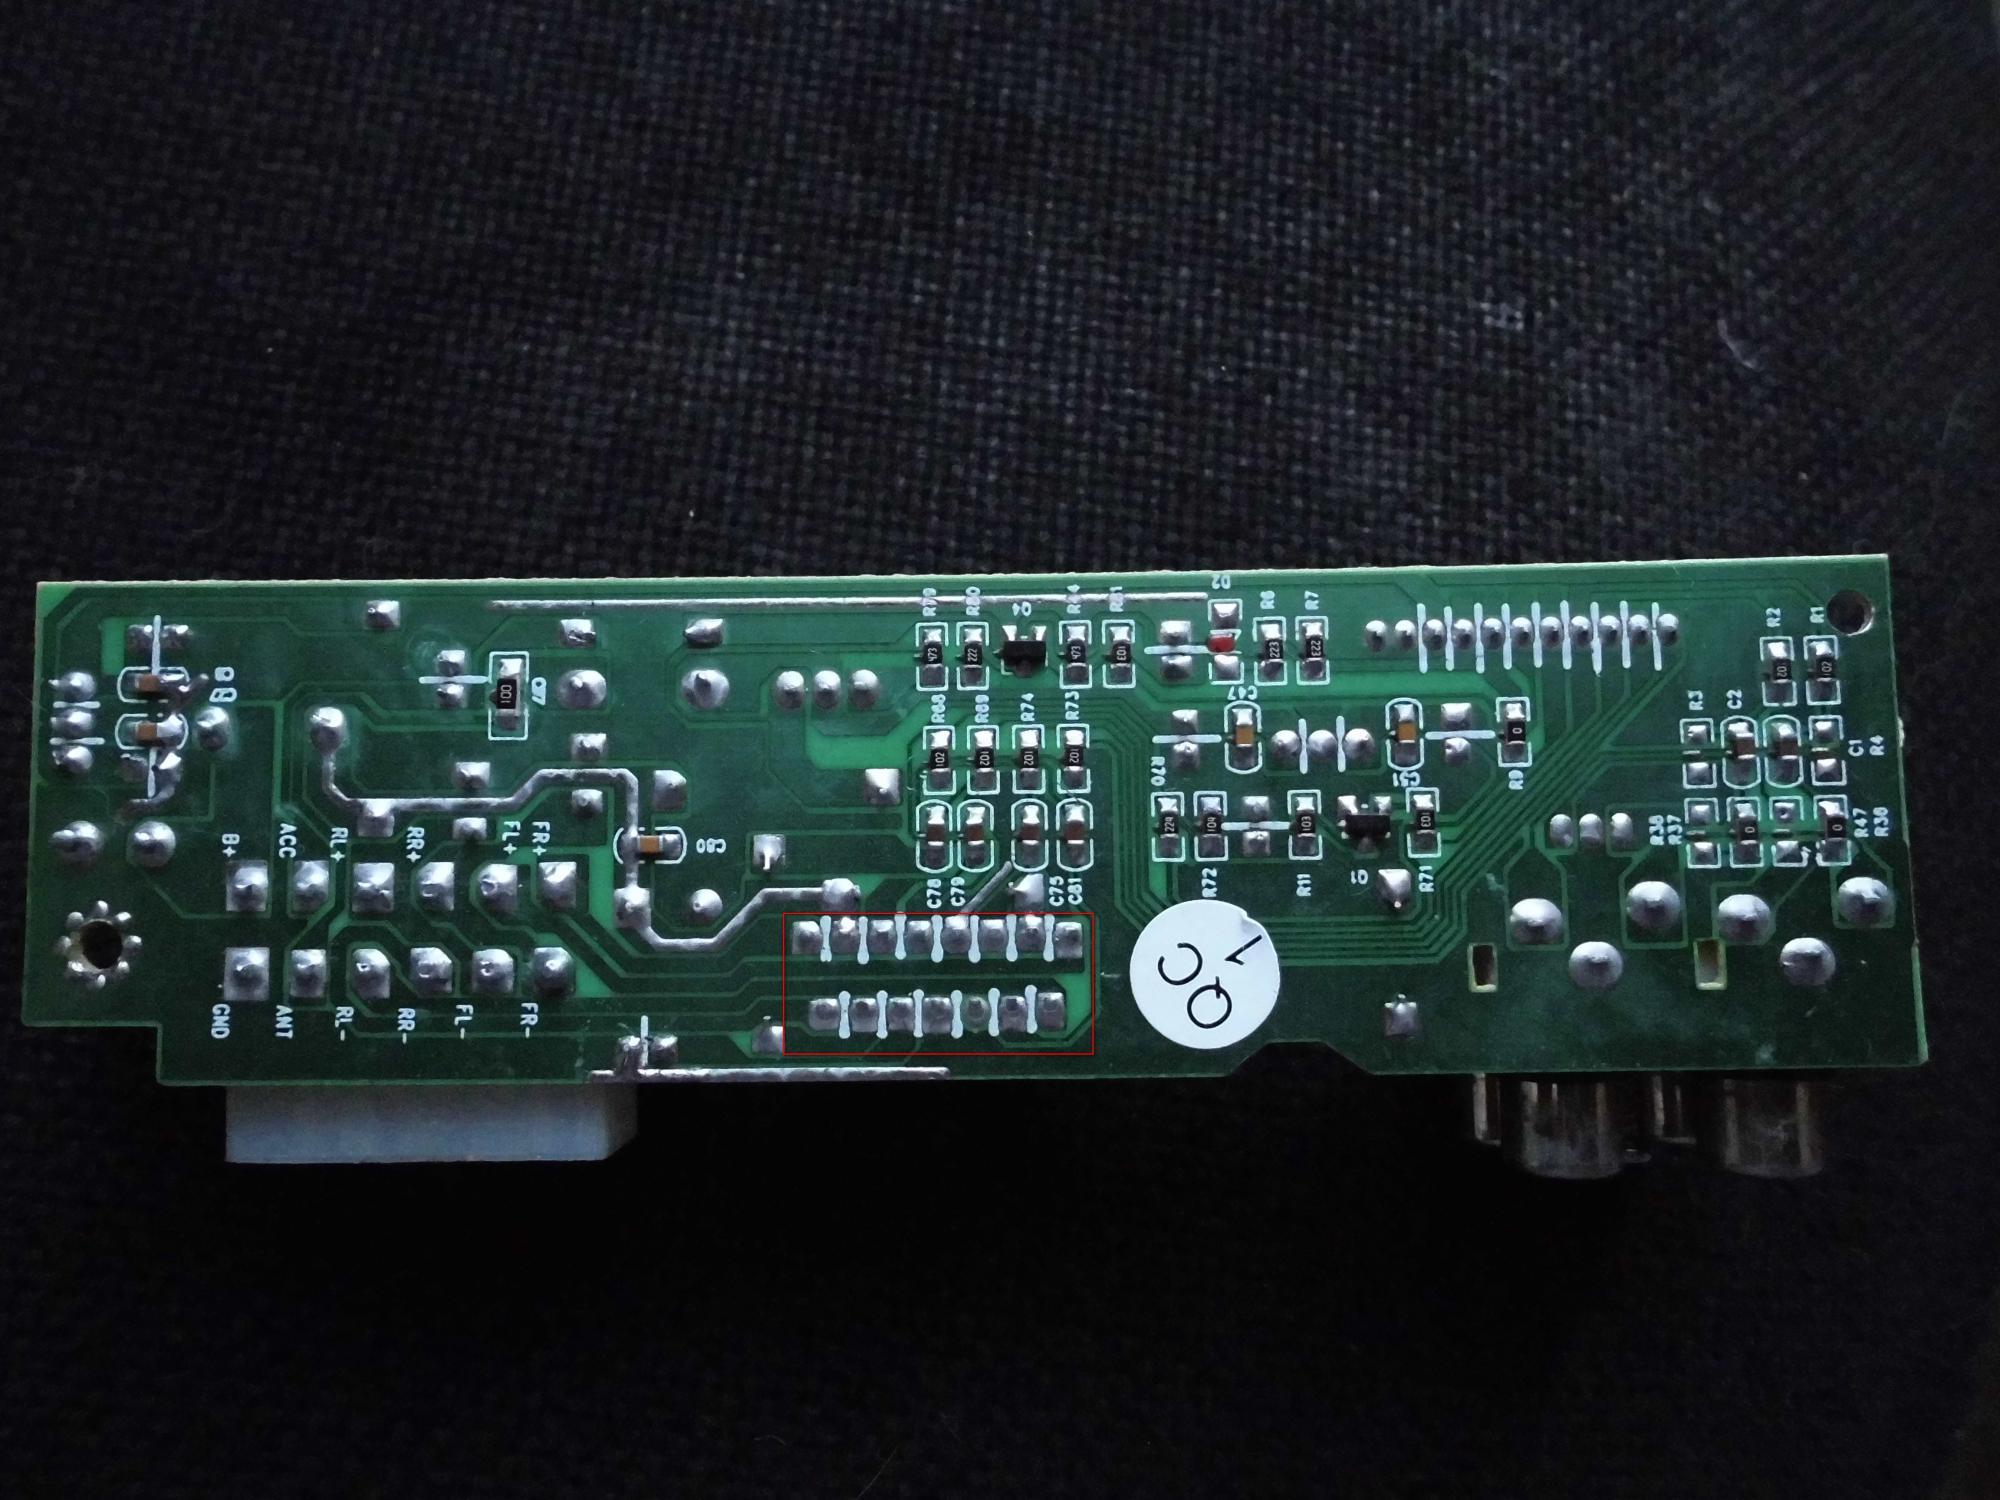 схема подключения магнитолы эриссон